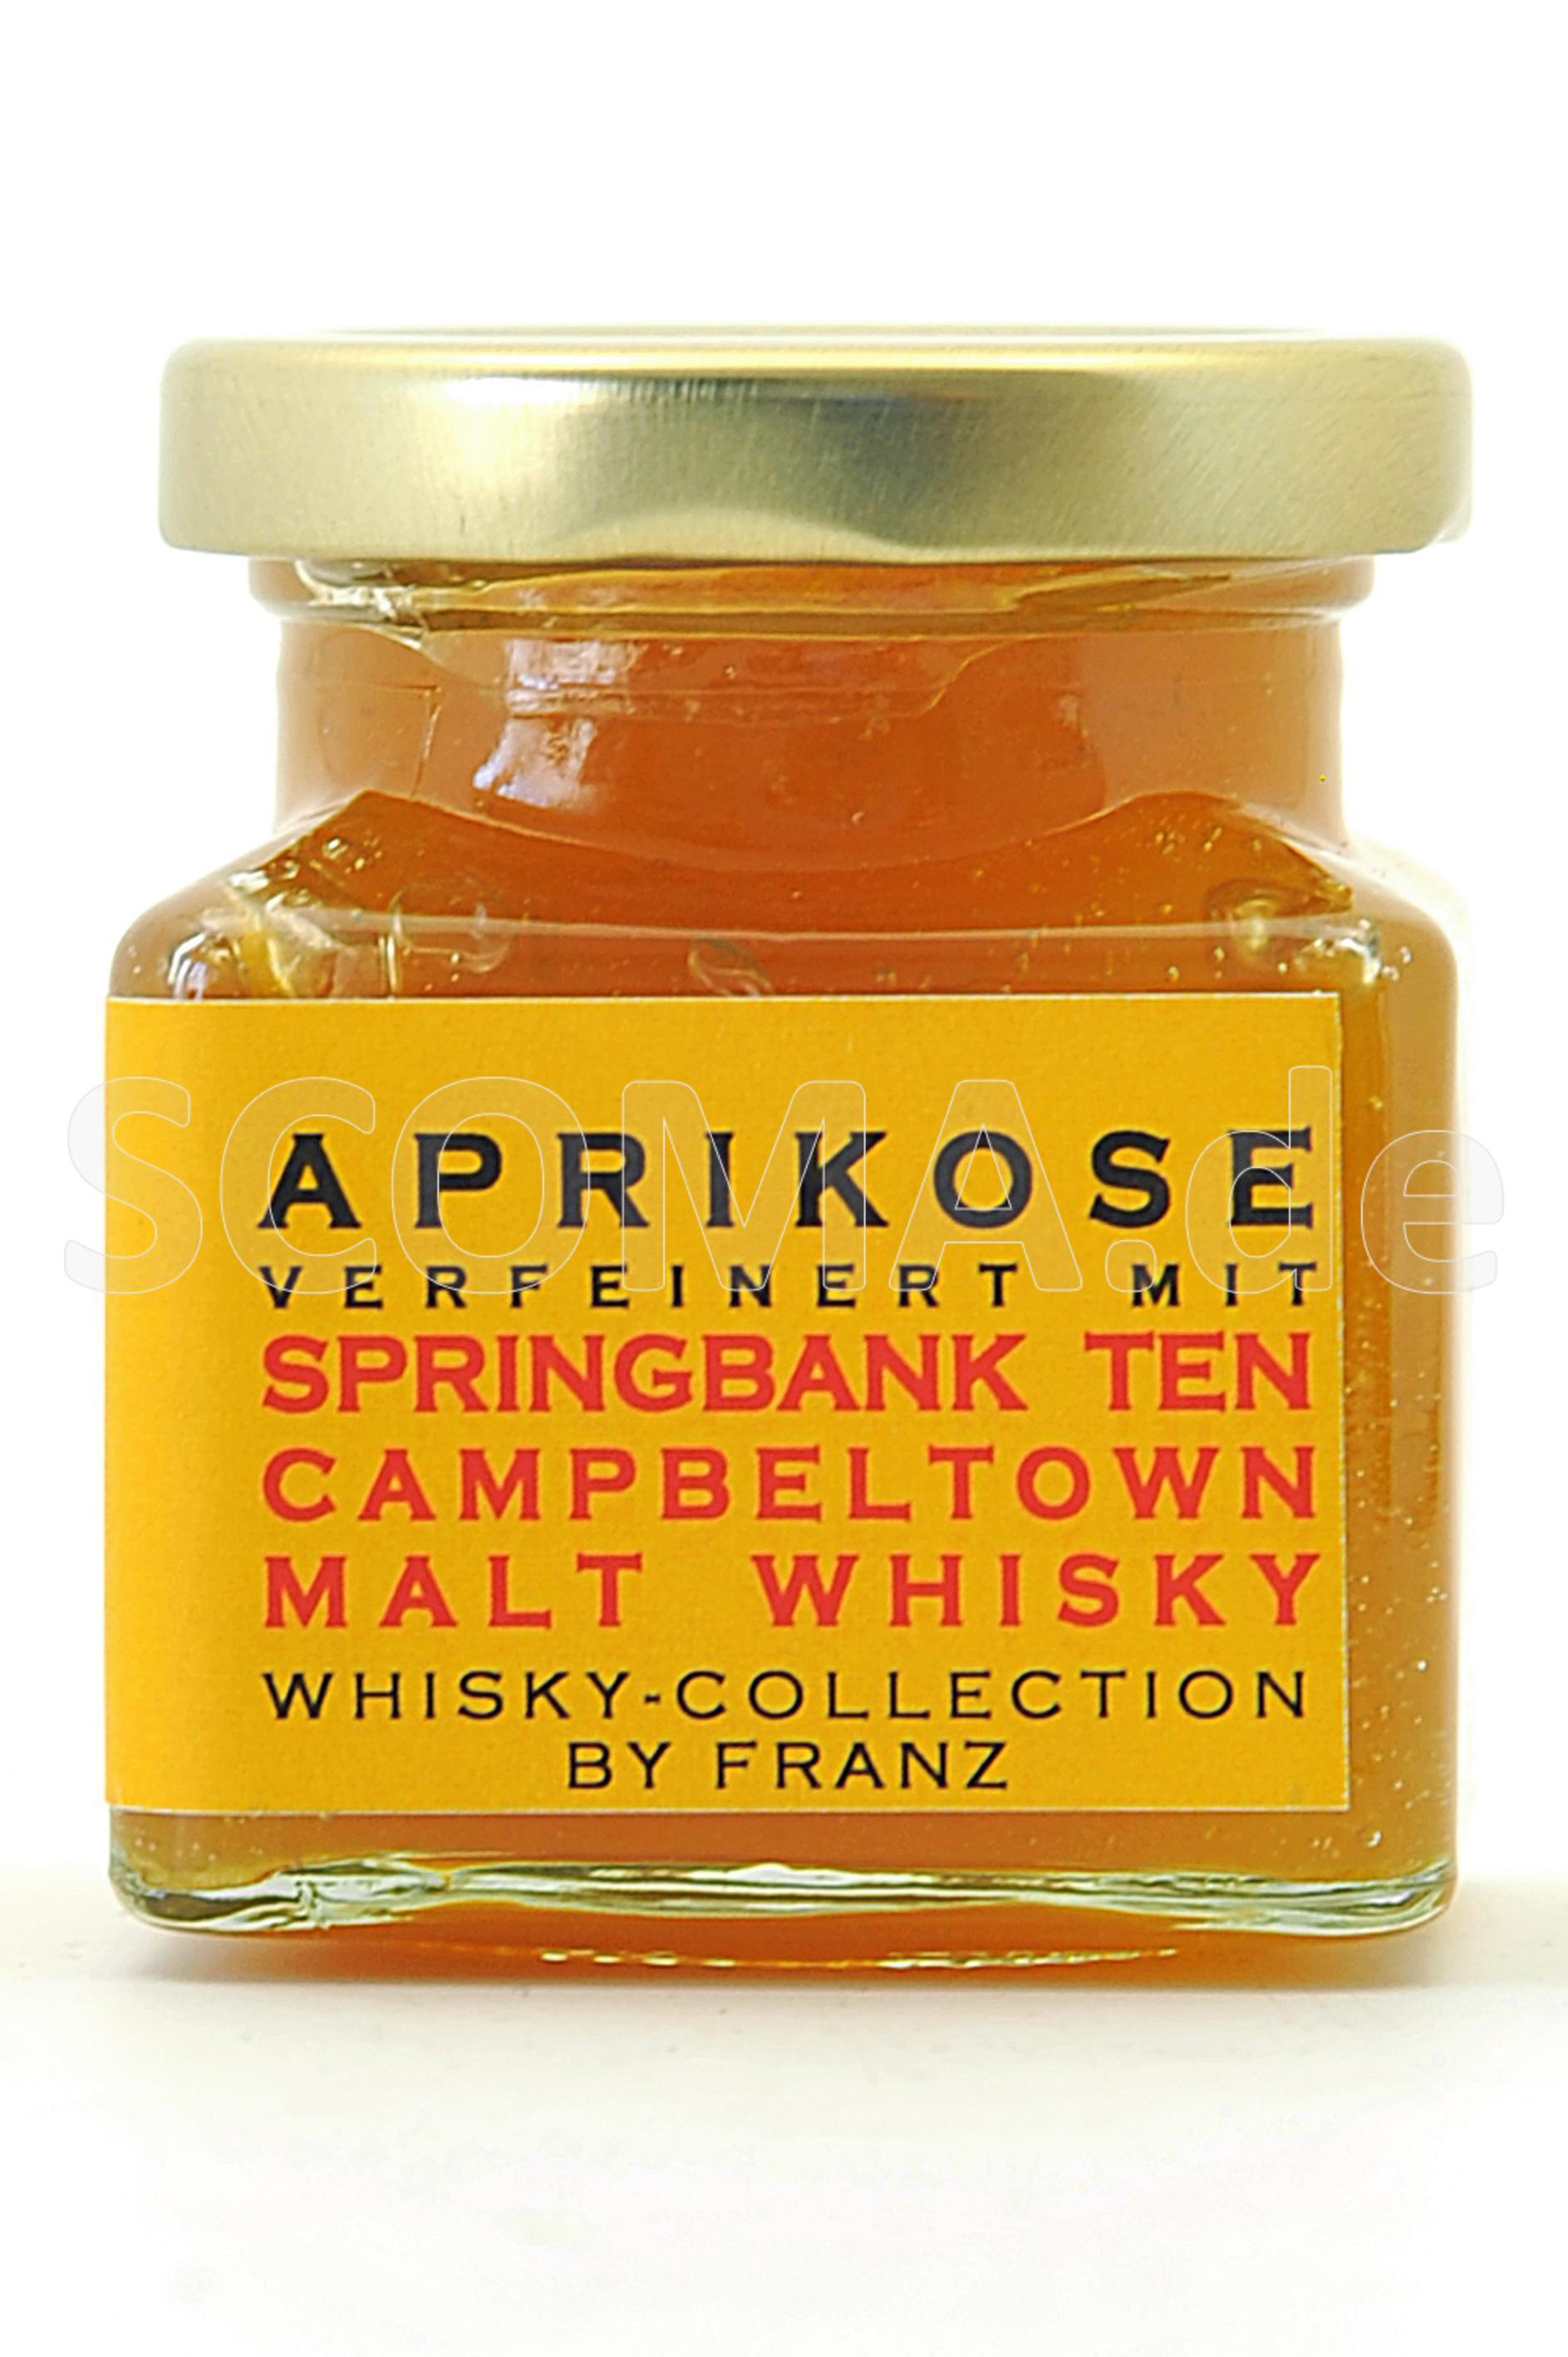 Aprikose mit Springbank Ten